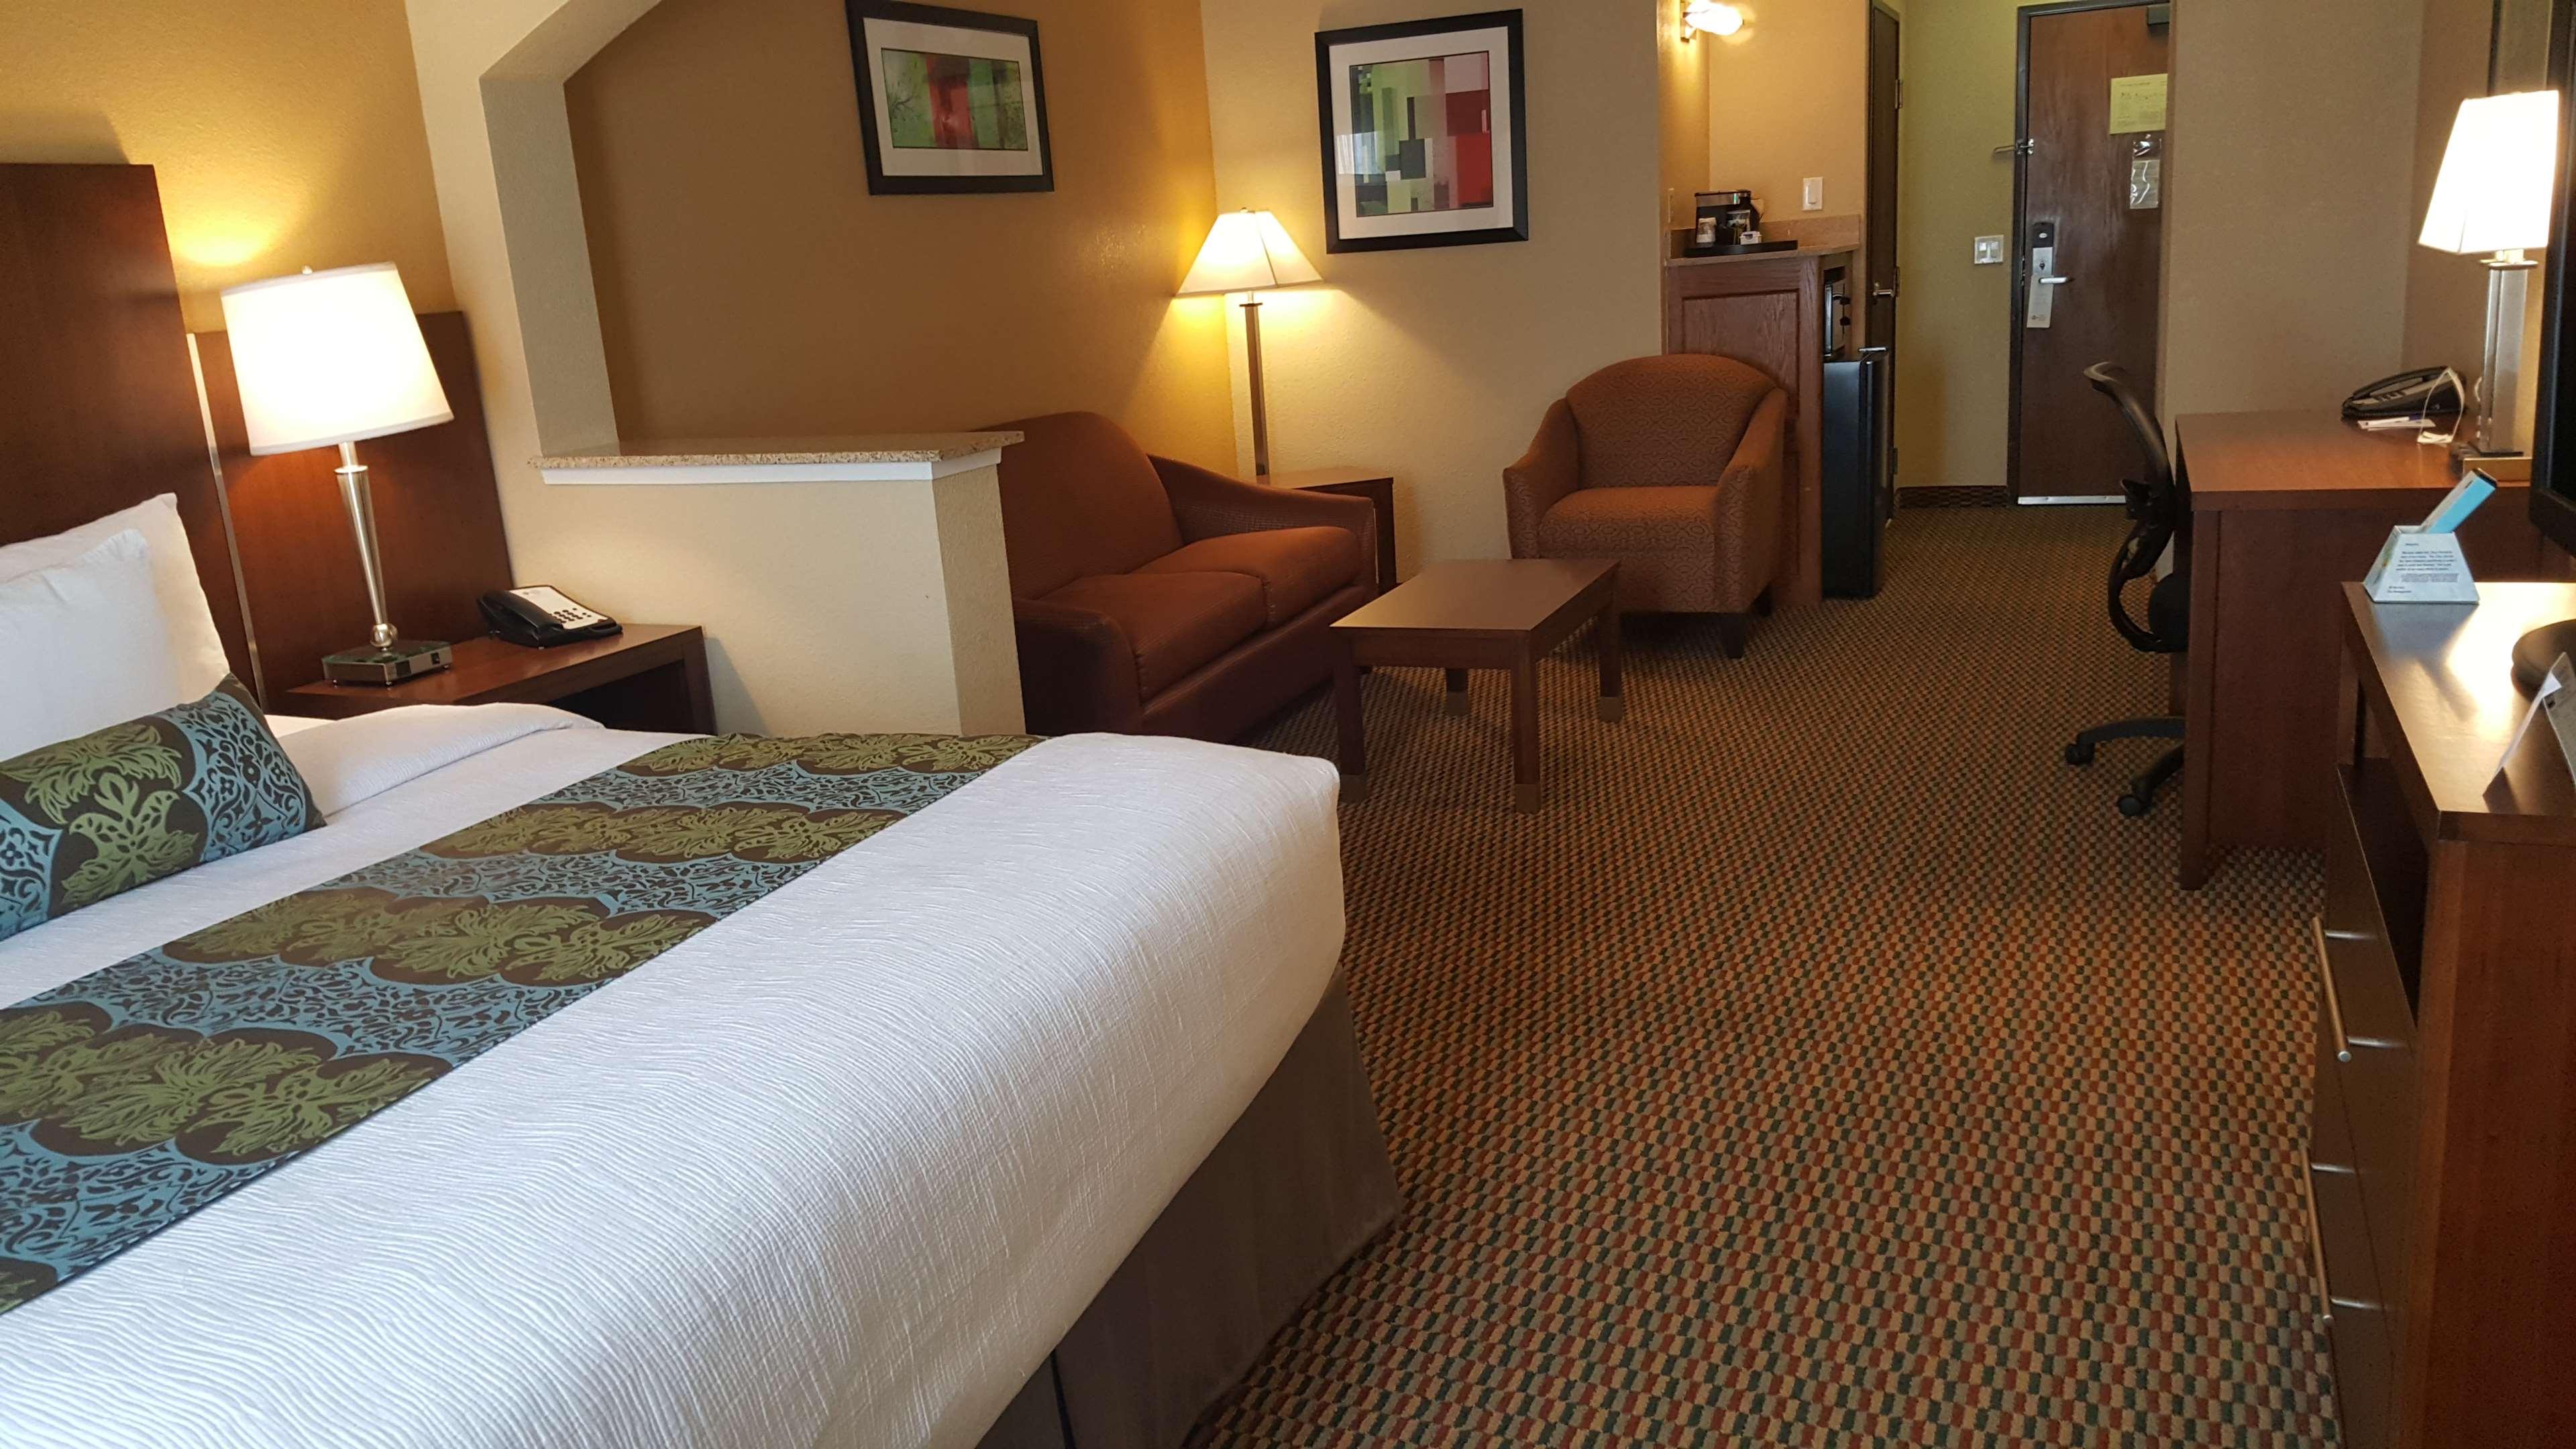 Best Western Plus Airport Inn & Suites image 16